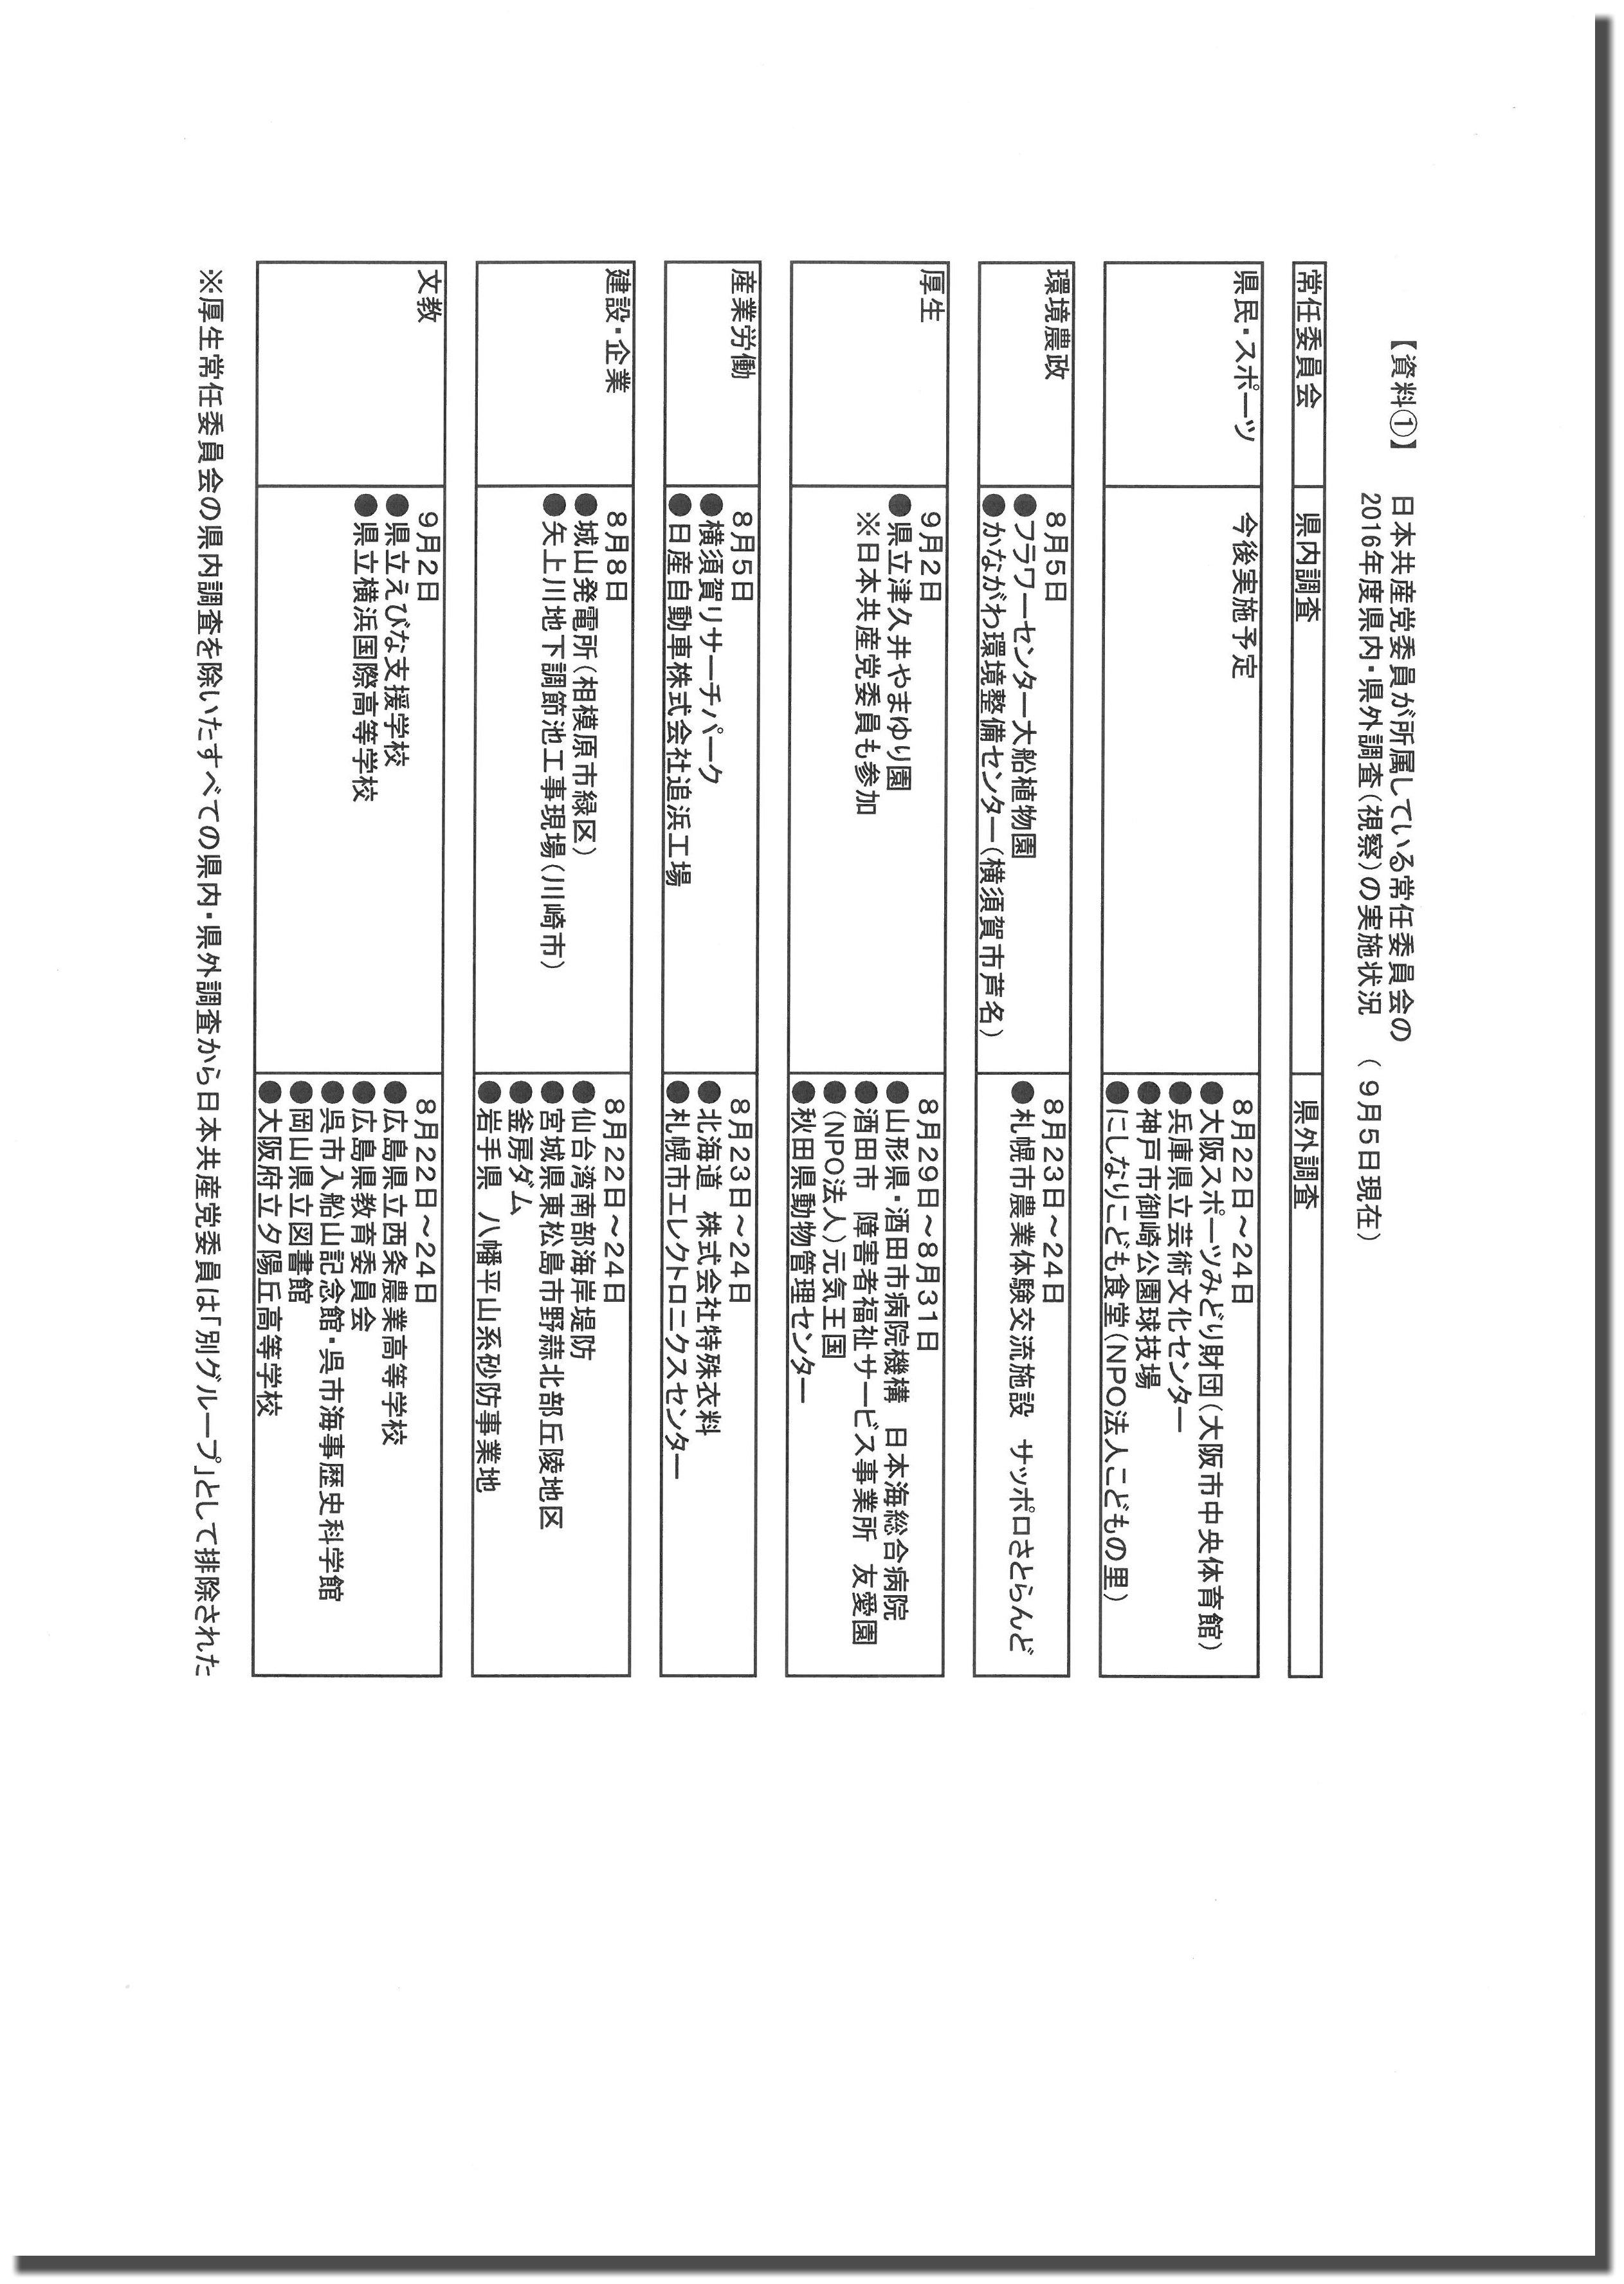 shisatsu-shiryo-kage